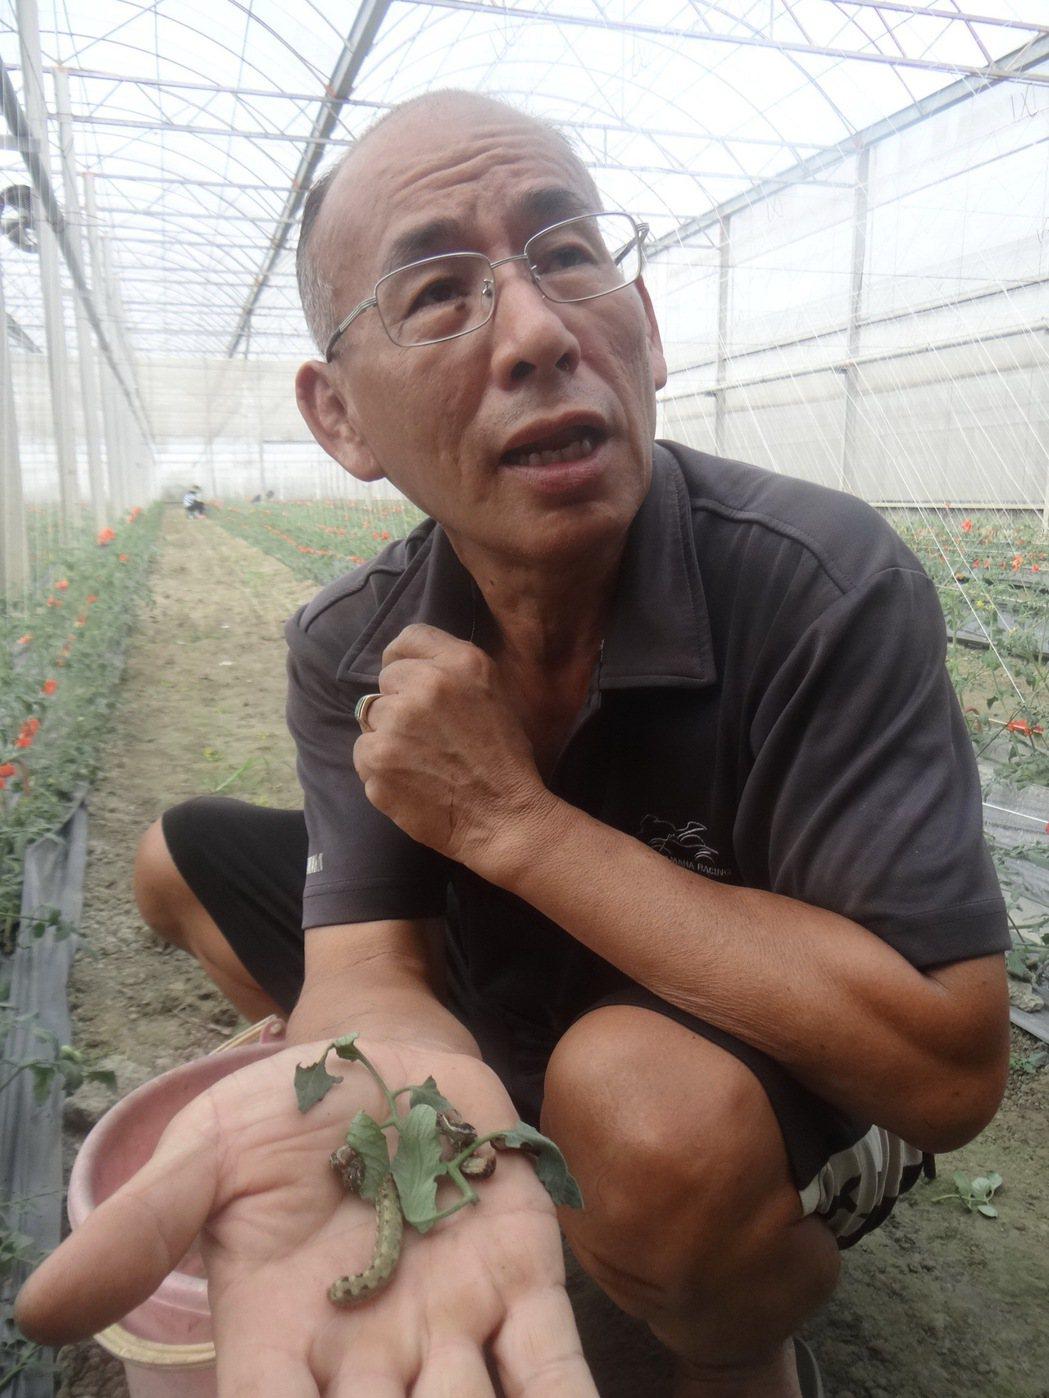 連密閉的溫室也淪陷,因有機作物不能噴藥,農民每天只能靠手工抓蟲,叫苦連天。記者蔡...